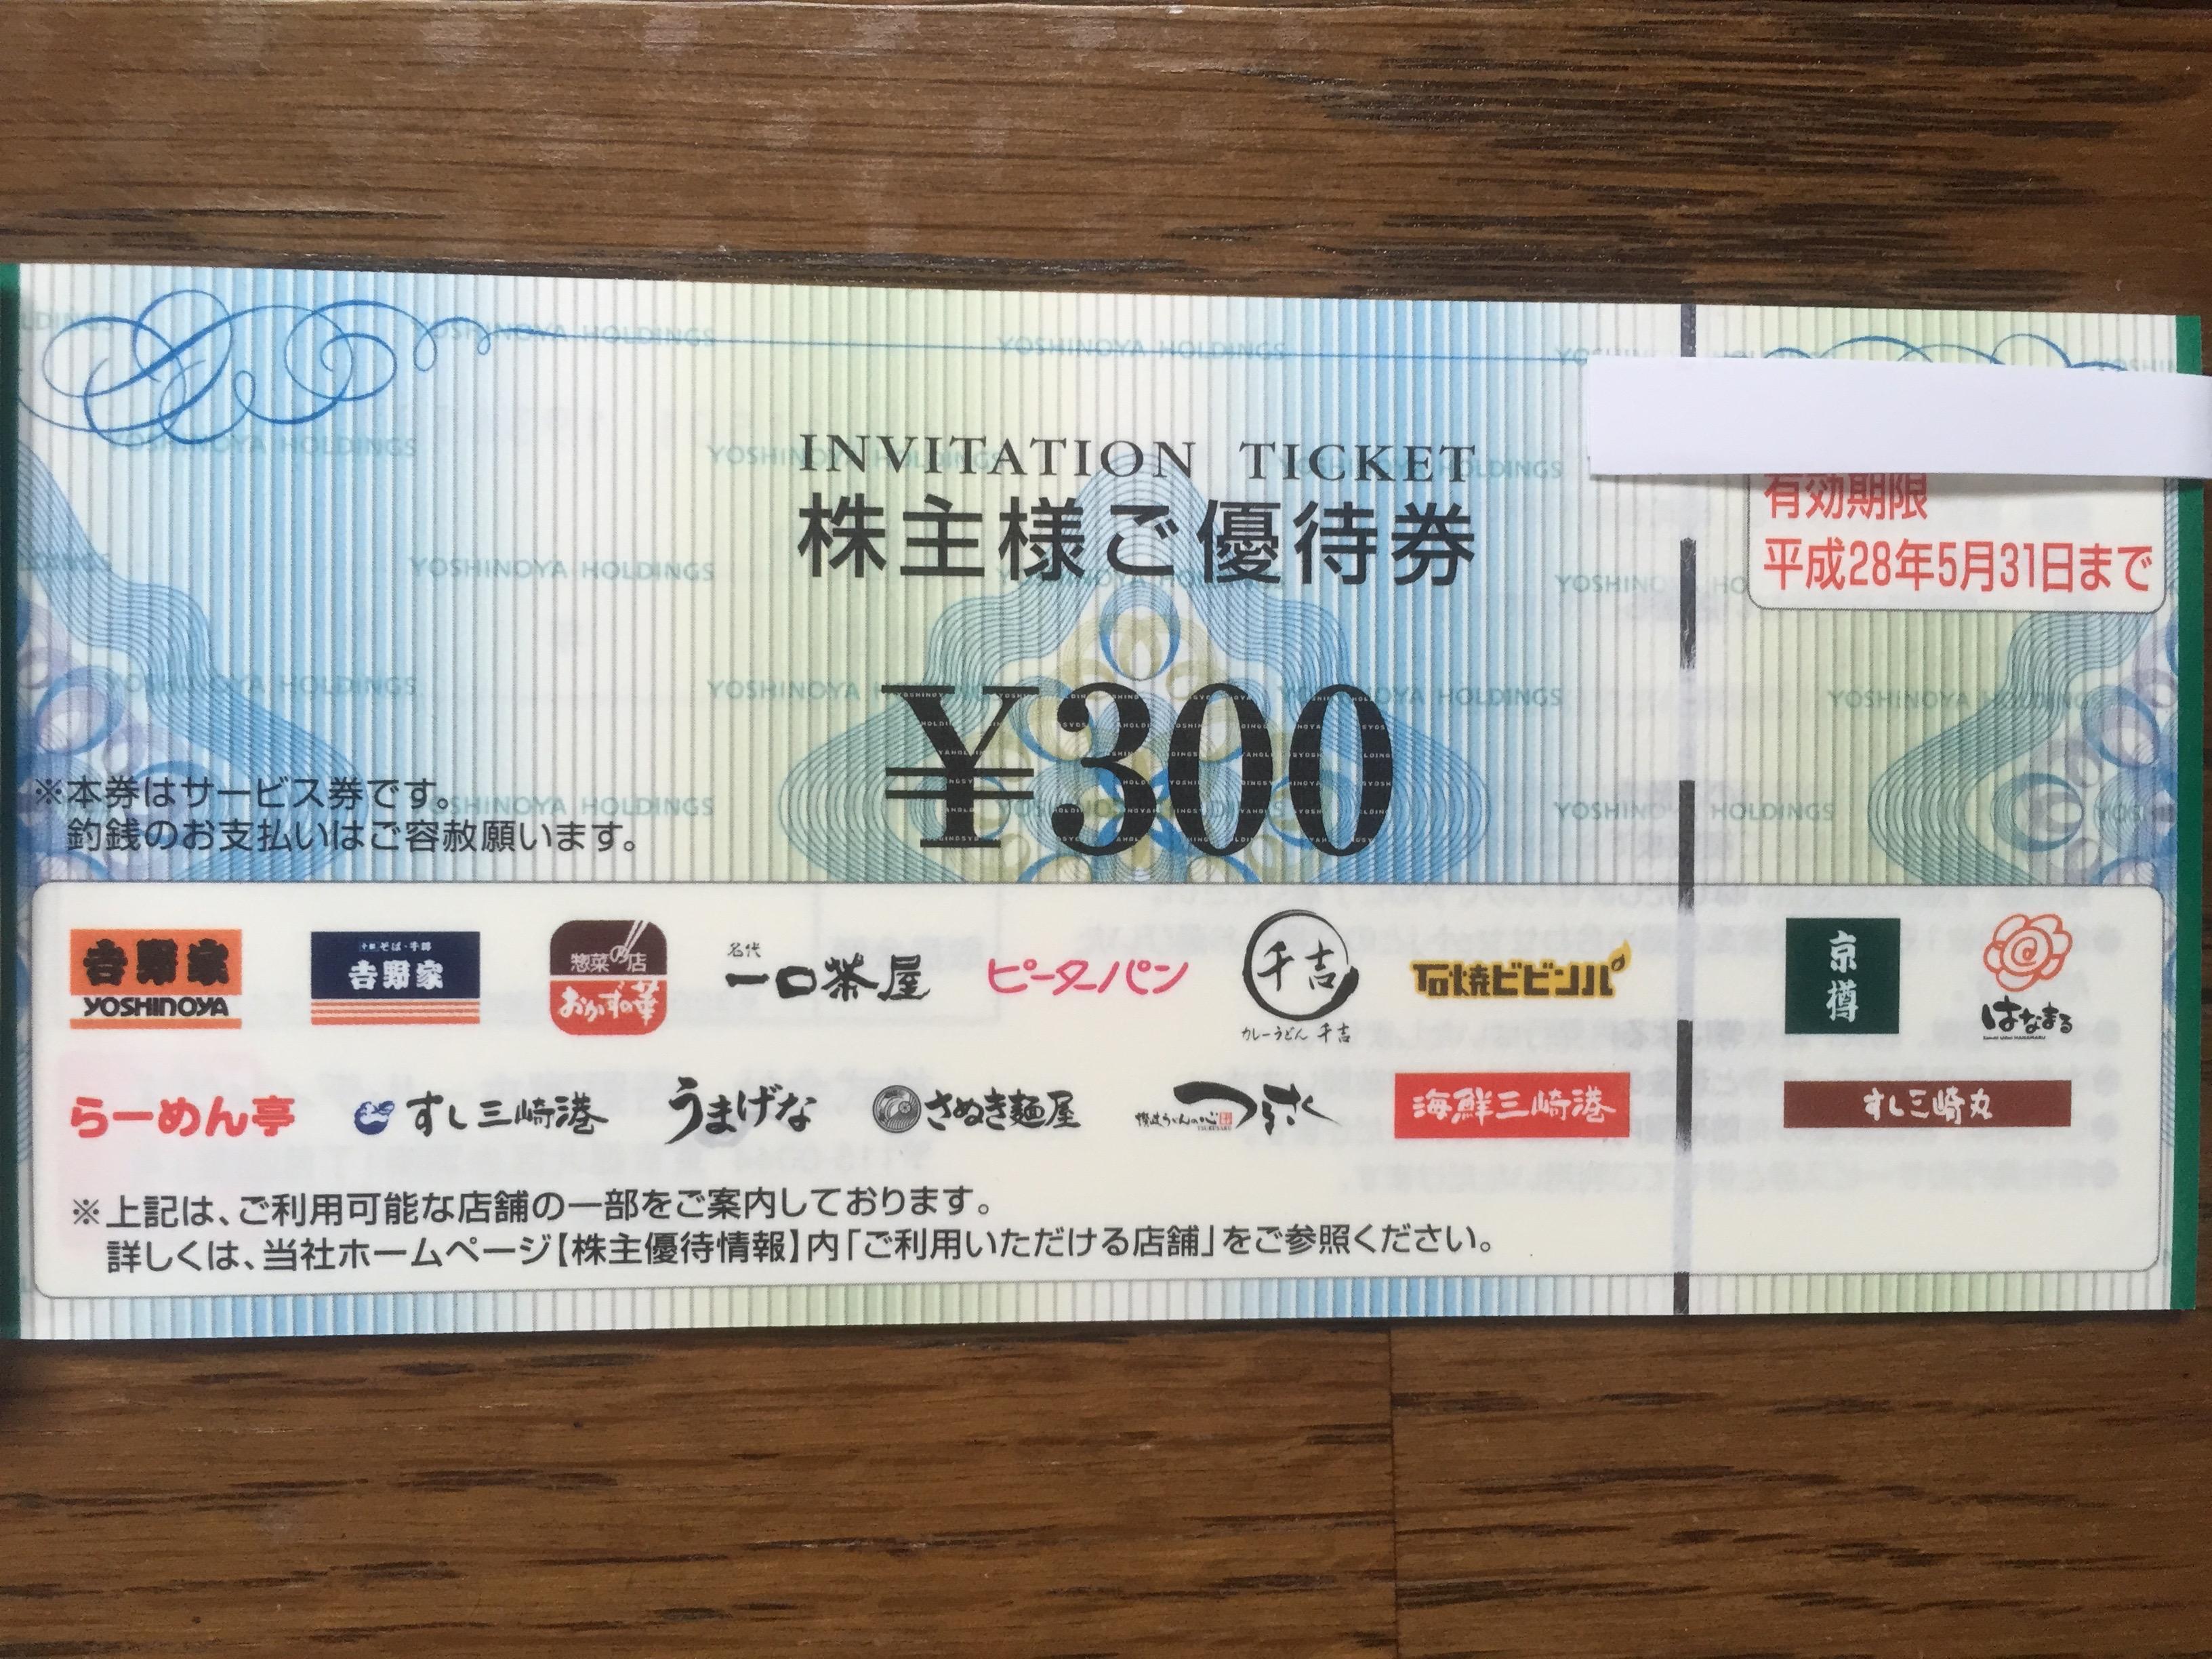 吉野家ホールディングス (9861)の株主優待1